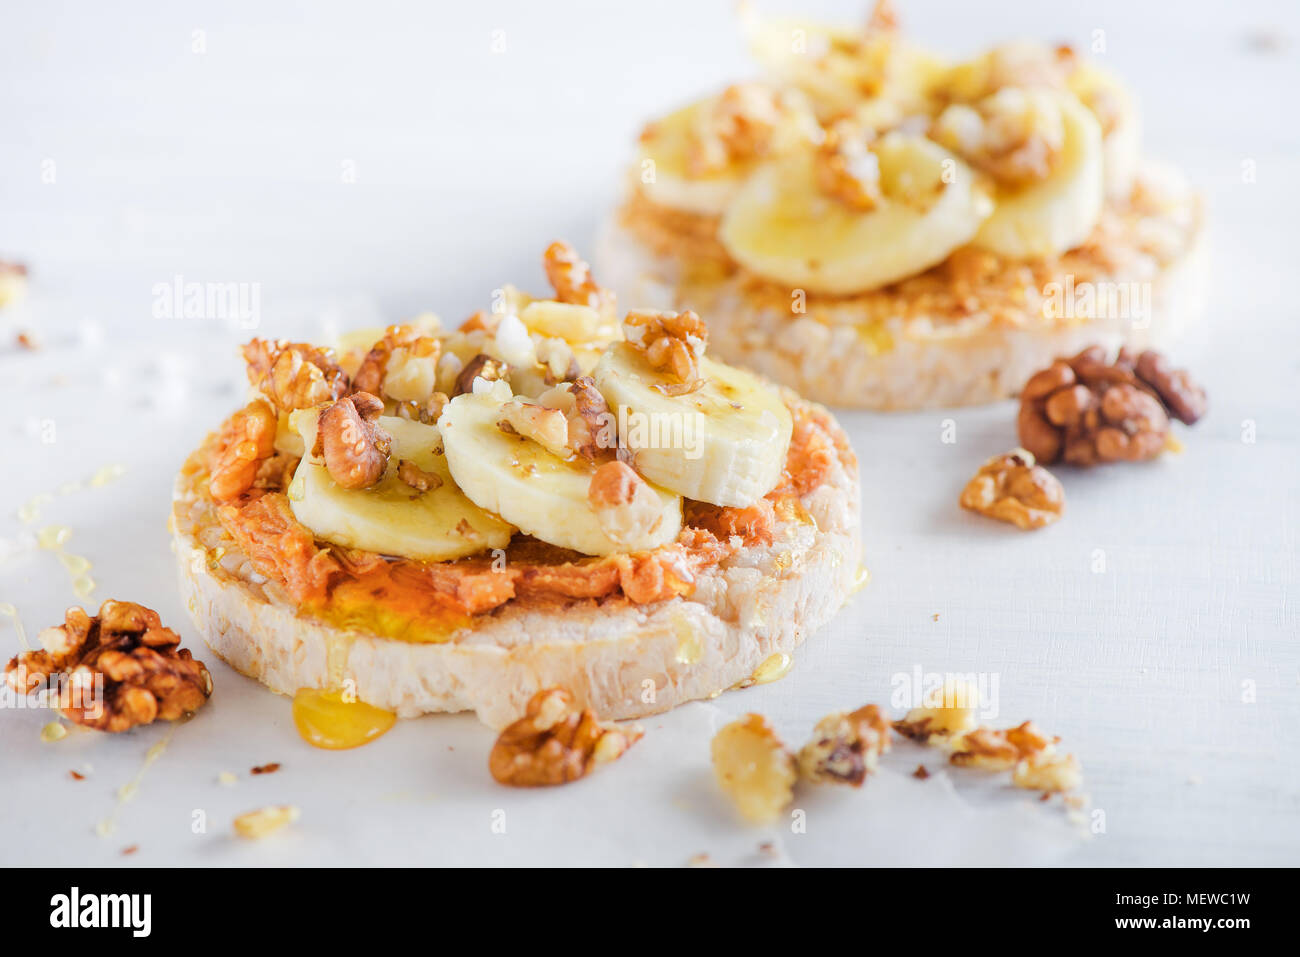 Crisp pain aux bananes et beurre d'arachide snack. Petit-déjeuner sain avec des noix et du miel. High key concept de régime. Photo Stock